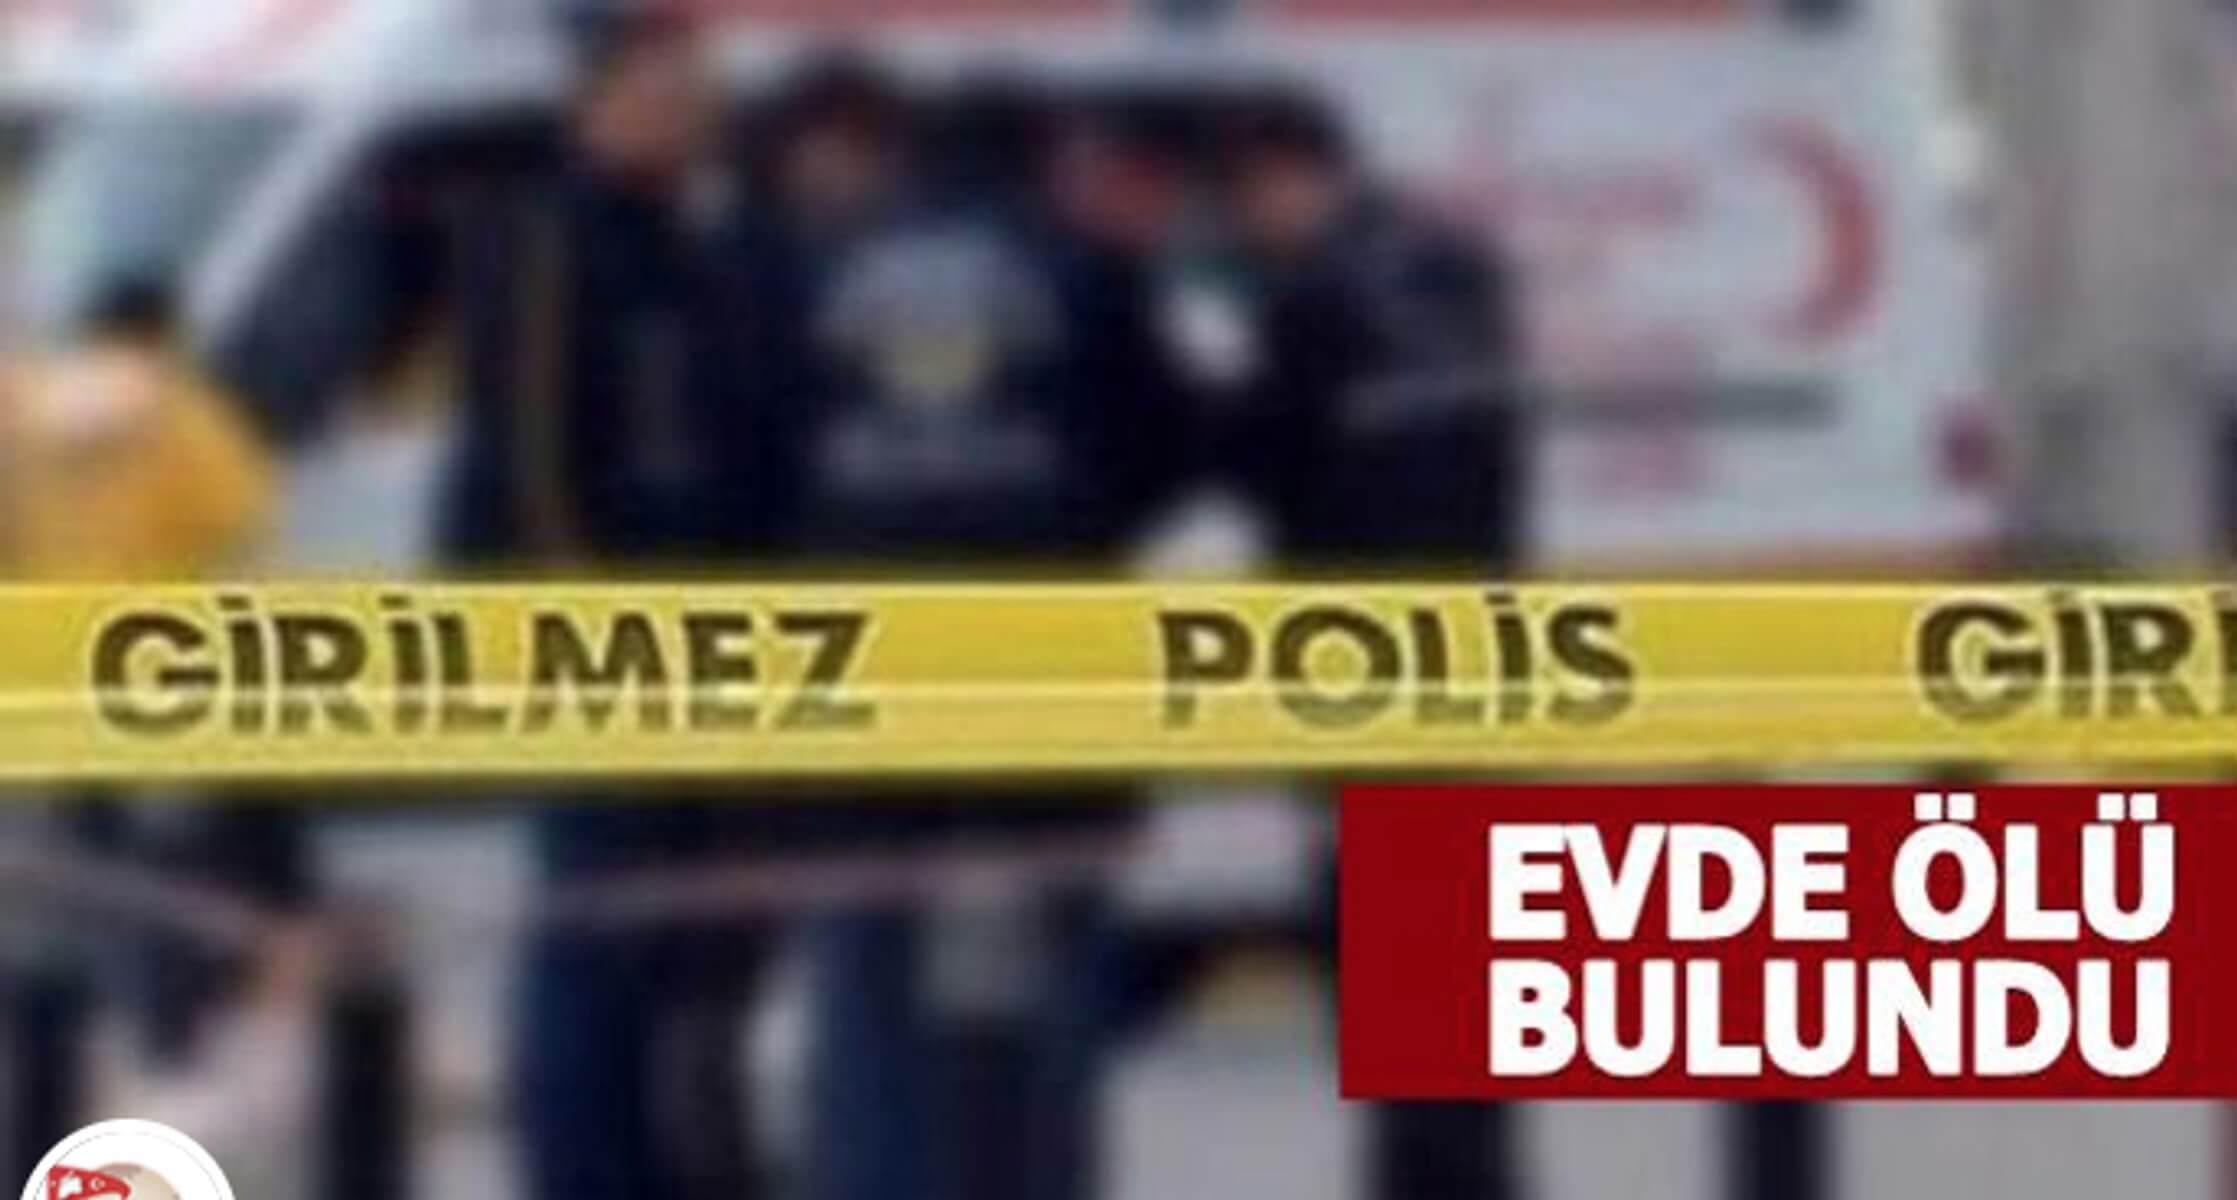 """Δολοφονία Έλληνα στην Ίμβρο: """"Οι Έλληνες έχουν χρυσό και χρήματα"""" – Οι προκαταλήψεις που οδήγησαν στο φόνο"""